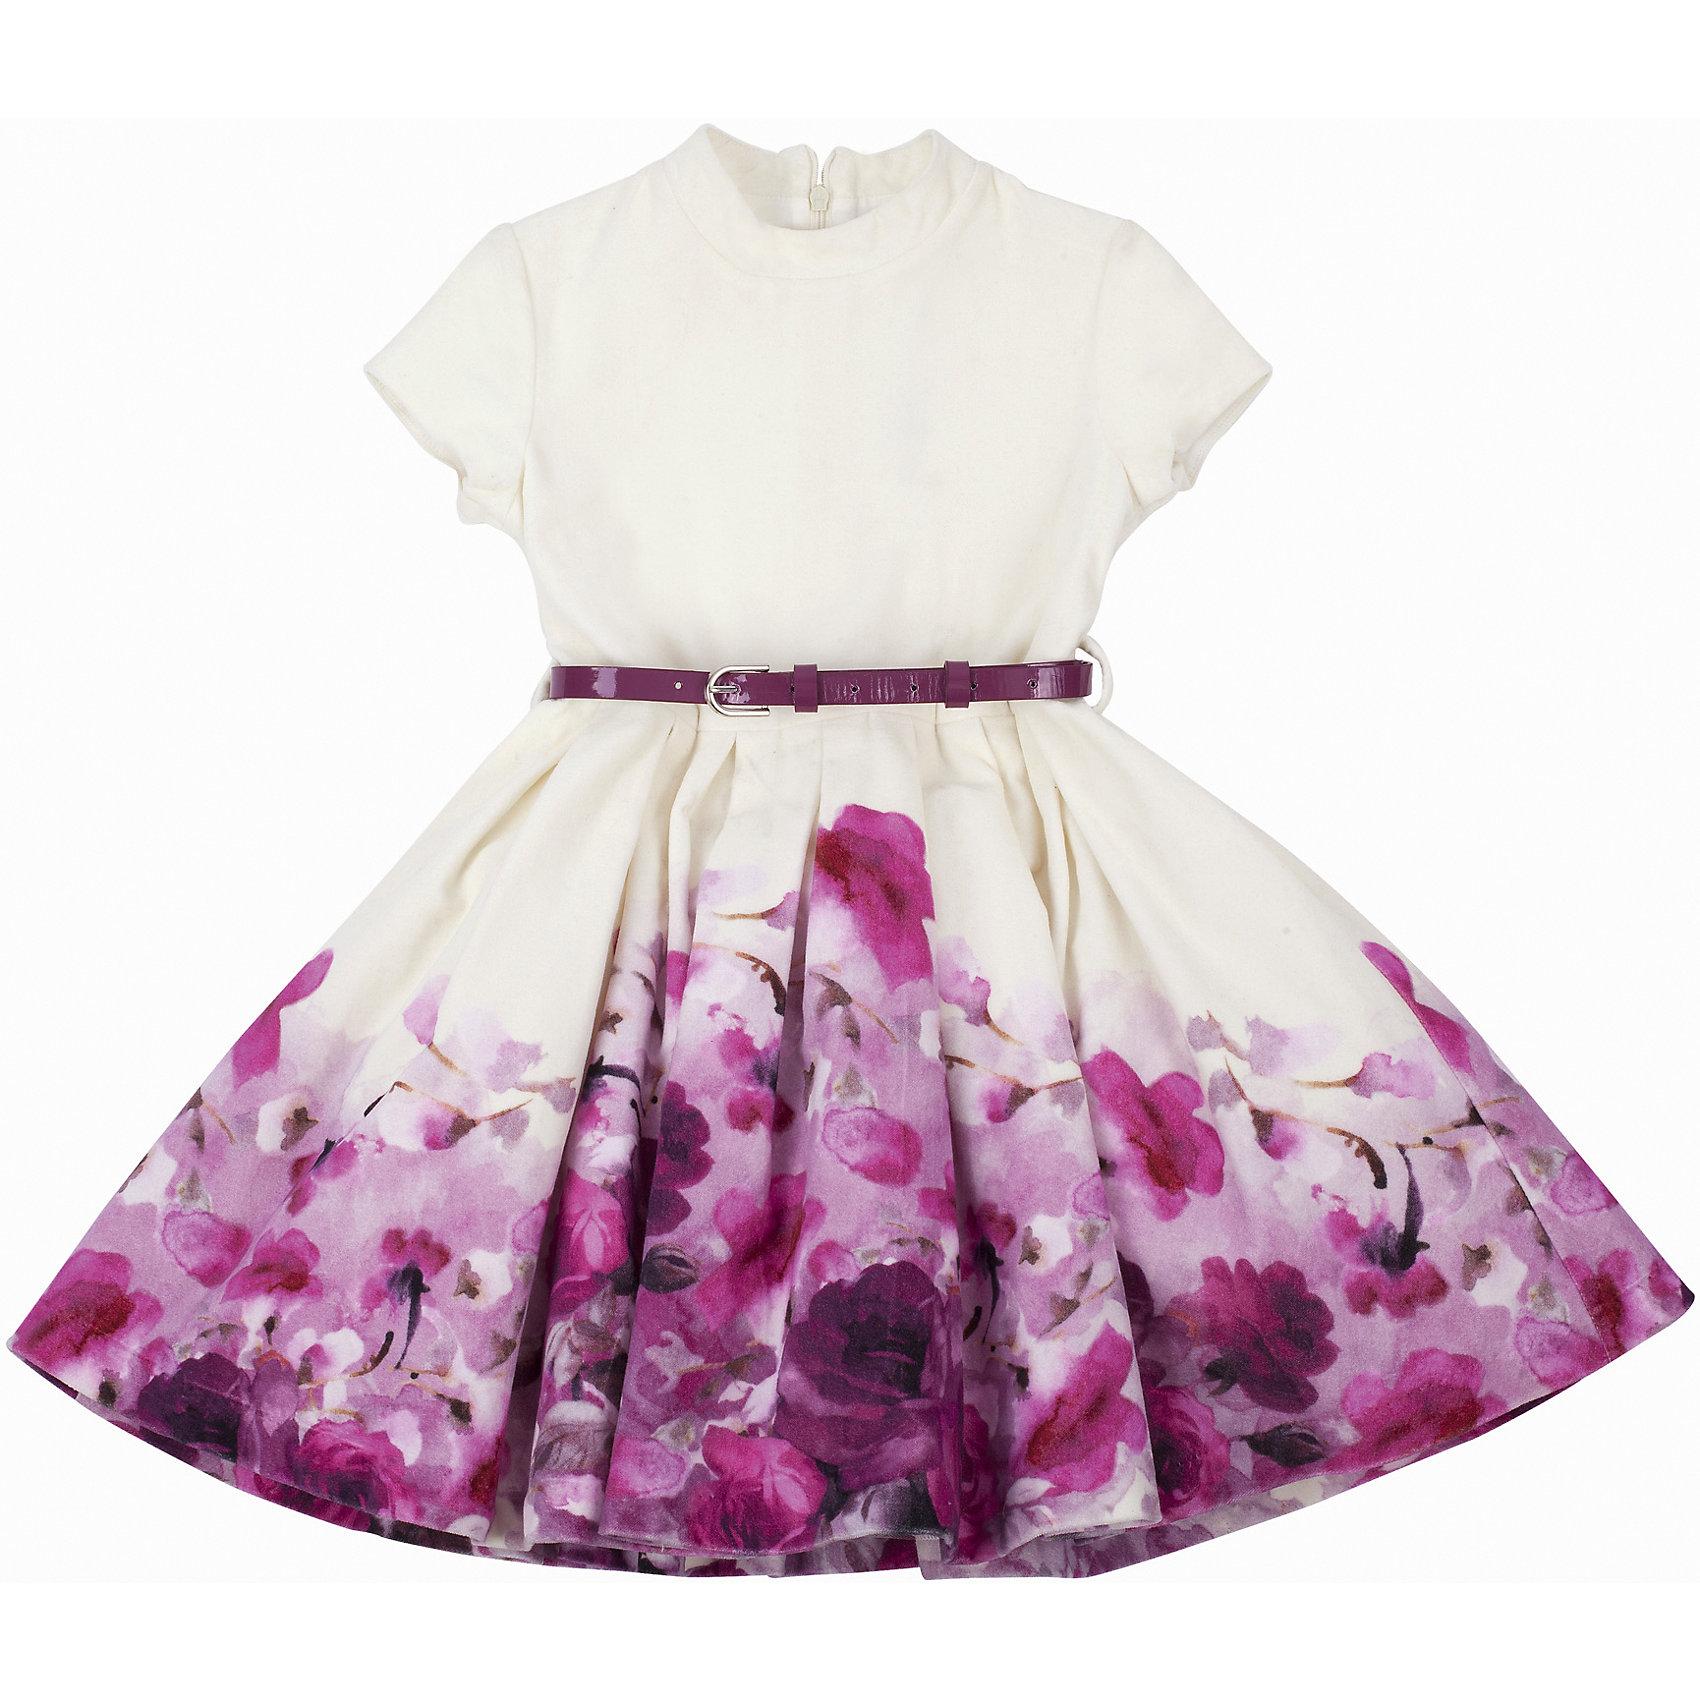 Нарядное платье для девочки GulliverОдежда<br>Платье для девочки от известного бренда Gulliver.<br>Ох уж, эти модницы… Их гардероб пестрит нарядами, но разве можно пройти мимо нового платья? Платья для девочек - предмет их особой гордости! Платья - символ женственности и красоты! Если вы хотите порадовать ребенка интересной обновой, вам нужно купить модное платье! Красивое платье из нежного велюра с коротким рукавом и элегантной стойкой построено на сочетании молочной глади и яркого цветочного рисунка. Расклешенная форма, красивый объем, полученный благодаря двухъярусному подъюбнику из сетки, делают платье очень элегантным и выразительным. Выполненное из 100% хлопка, платье подарит комфорт и отличное настроение. Тонкий лаковый поясок подчеркнет красоту и грациозность его обладательницы.<br>Состав:<br>верх: 100% хлопок; подкладка: 100% хлопок<br><br>Ширина мм: 236<br>Глубина мм: 16<br>Высота мм: 184<br>Вес г: 177<br>Цвет: белый<br>Возраст от месяцев: 48<br>Возраст до месяцев: 60<br>Пол: Женский<br>Возраст: Детский<br>Размер: 110,98,104,116<br>SKU: 5103469